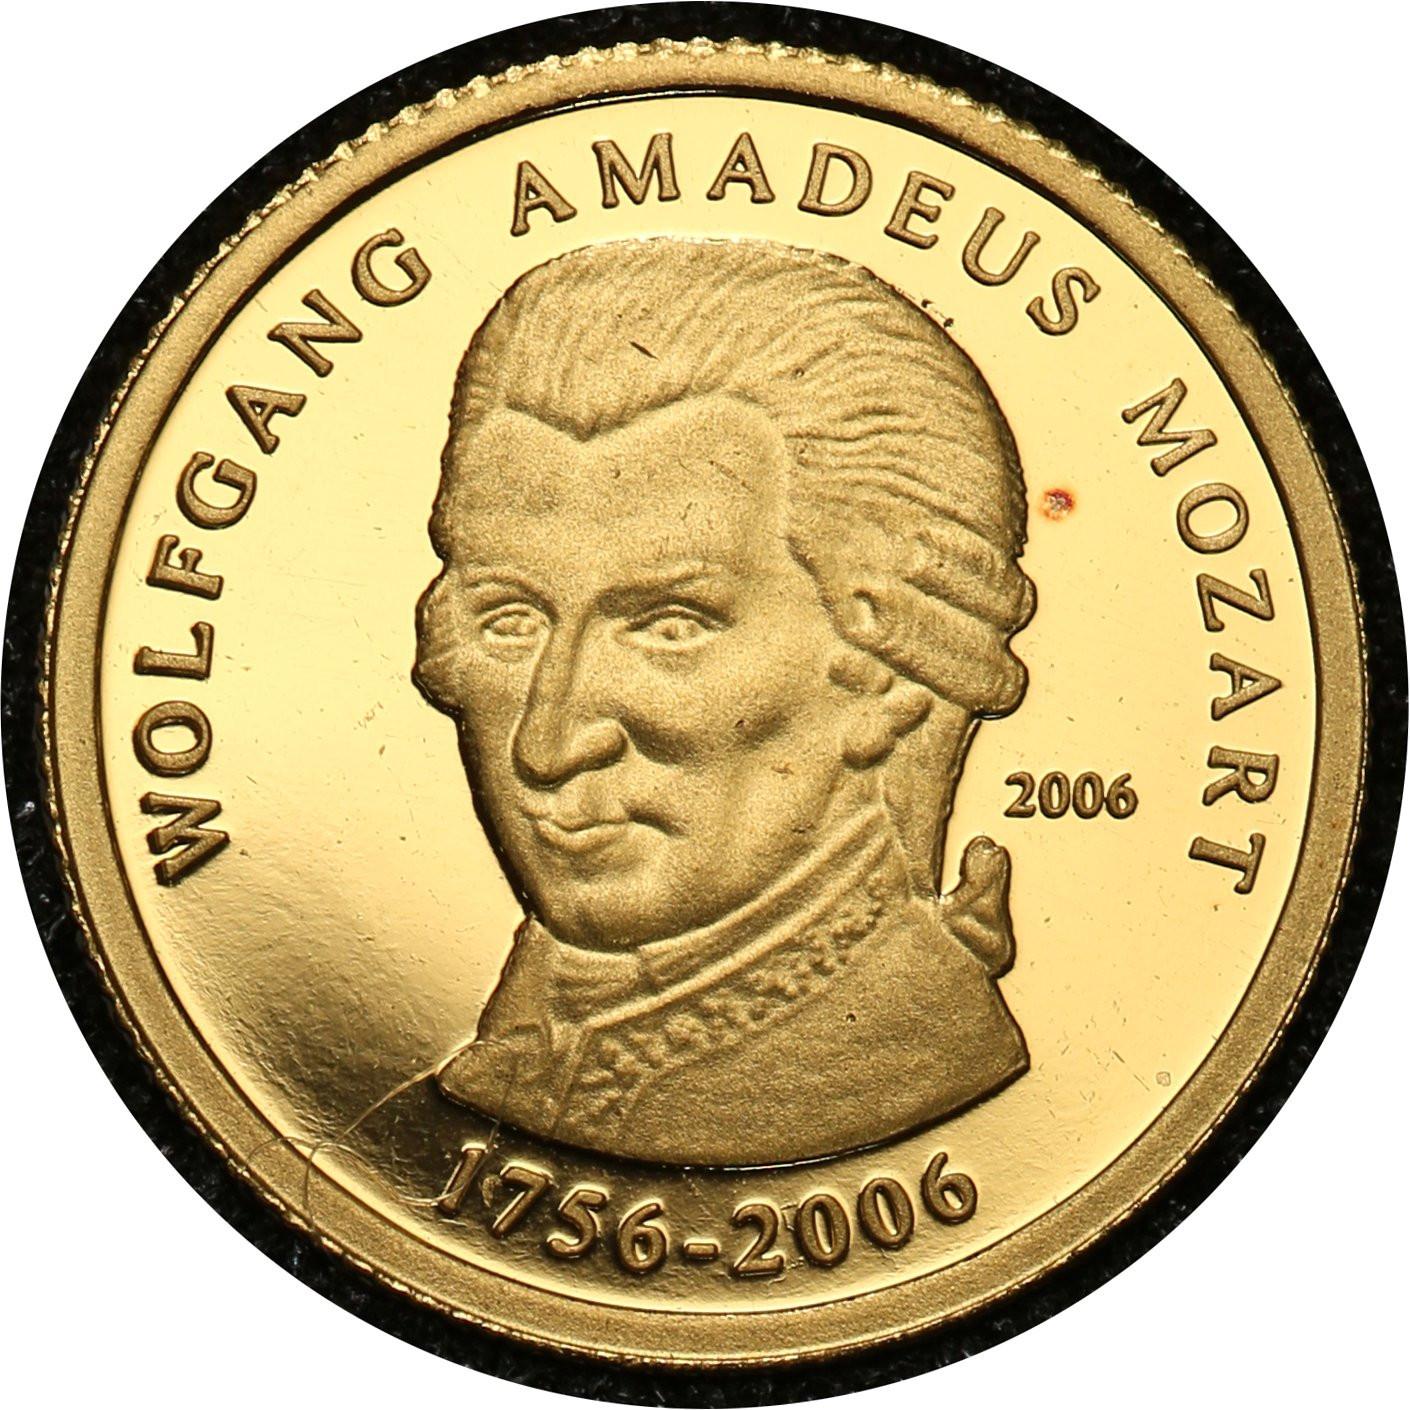 Republika Togijska 1500 franków 2006 Wolfgang Amadeusz Mozart